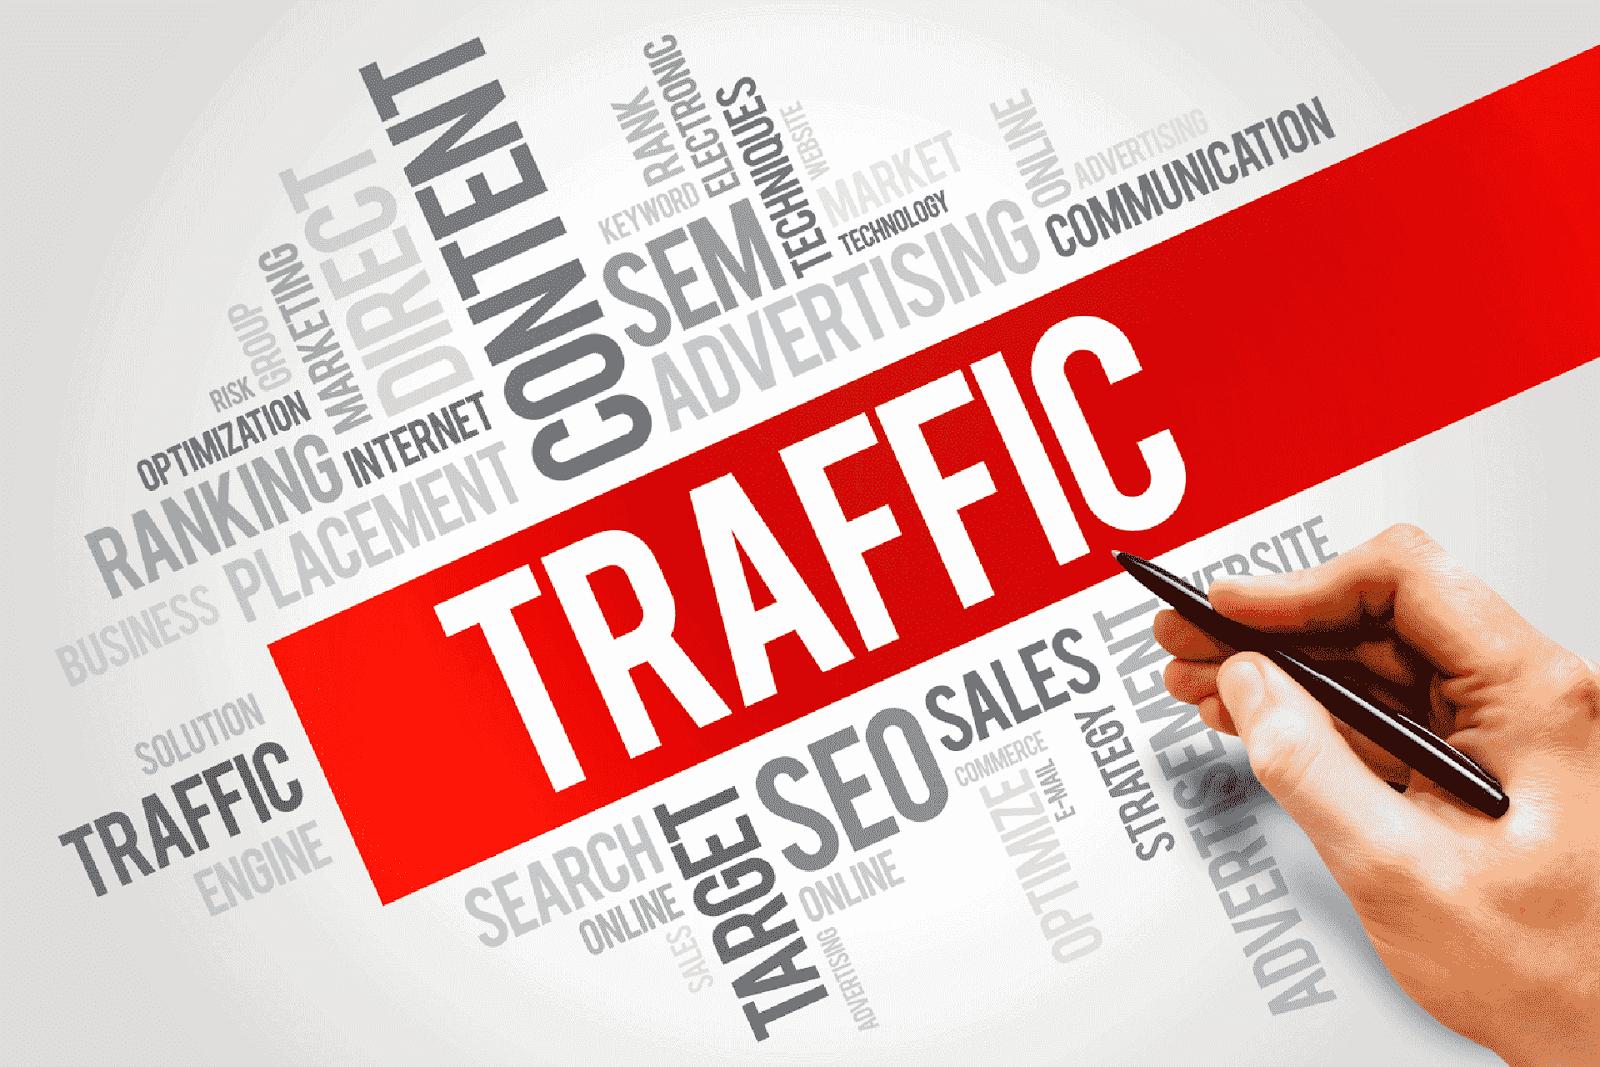 Viết bài mới đều đặn mỗi tuần cũng là cách để tăng traffic cho website